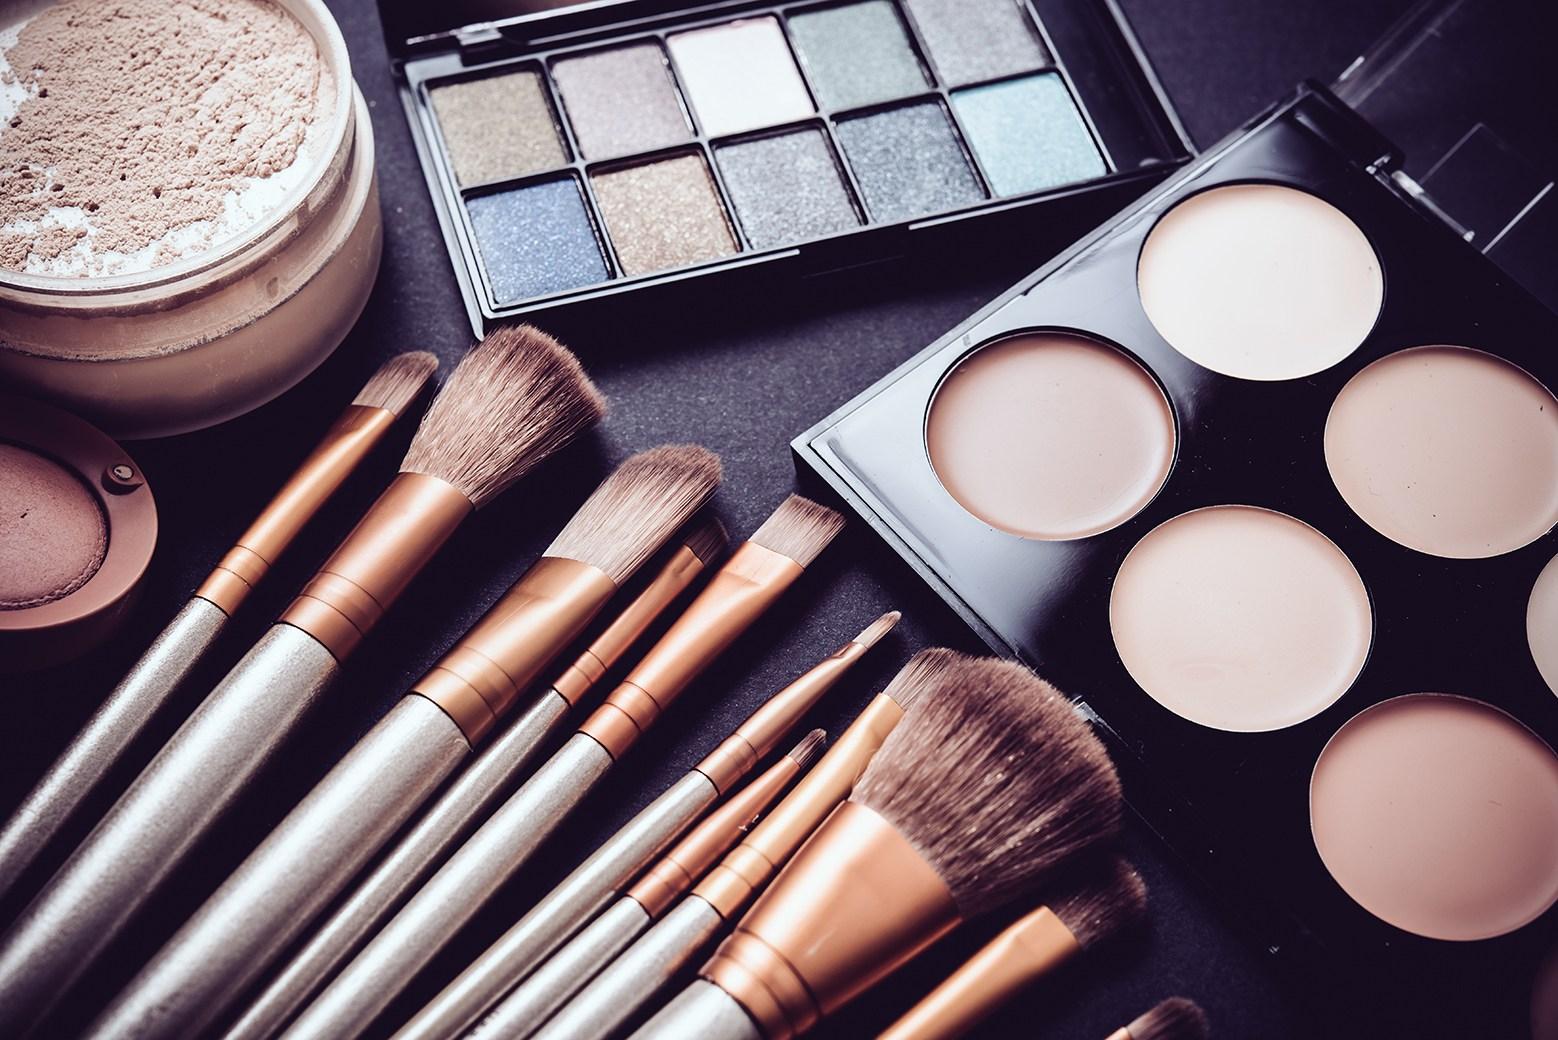 eyeshadow brushes3